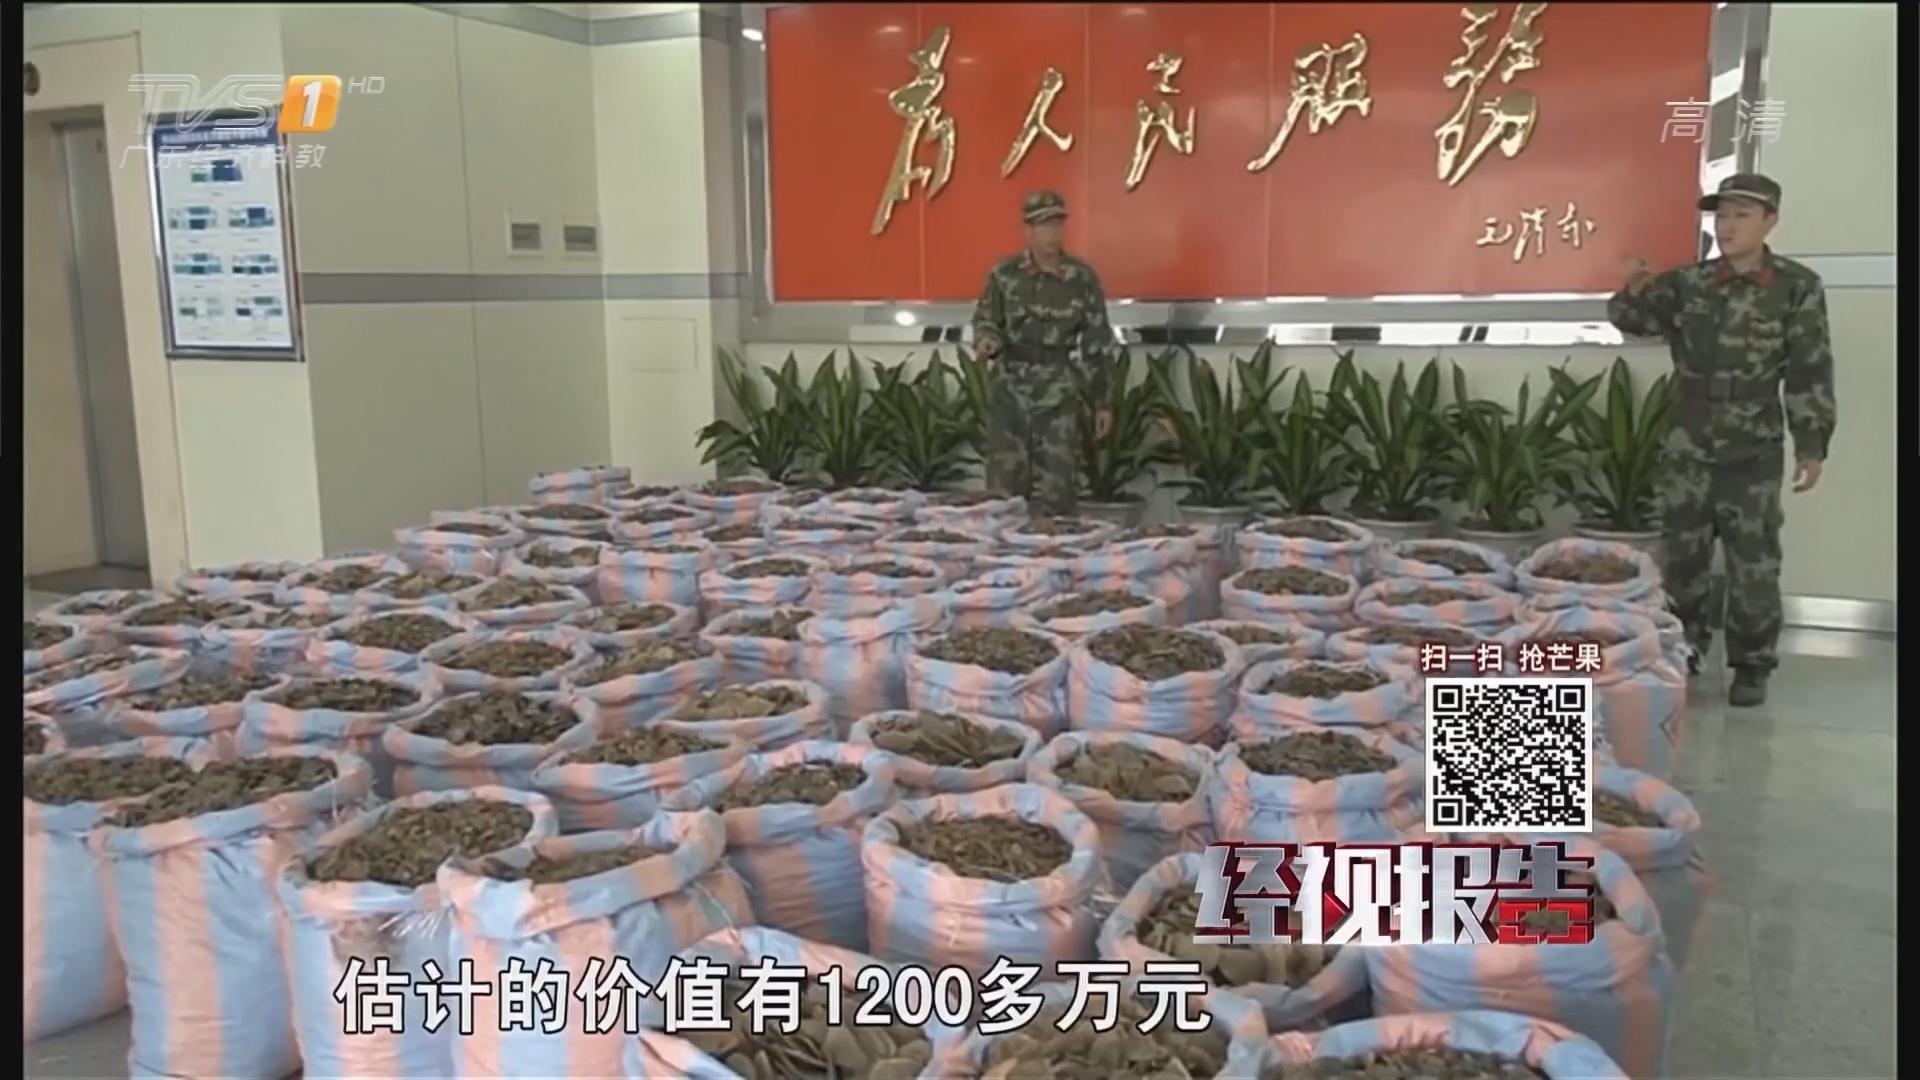 中山:男子走私1.6吨鳞片 遇边检 跑了